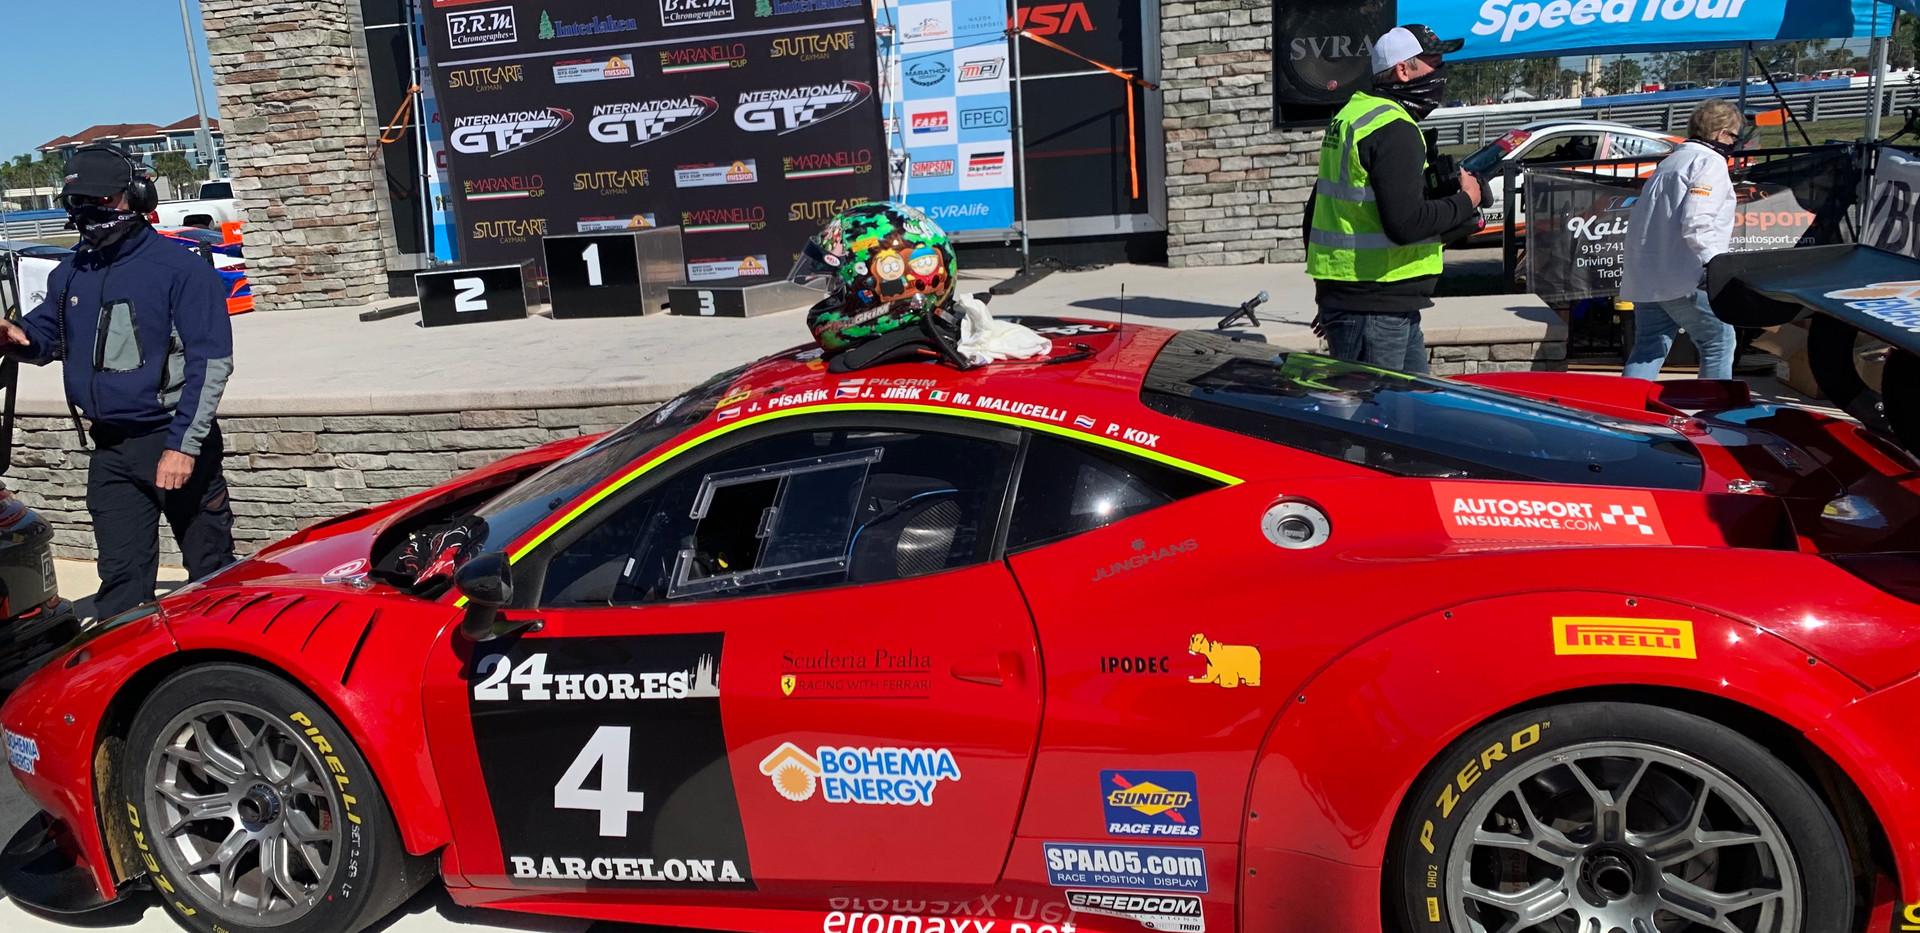 GT3 Ferrari IGT/SVRA at Sebring